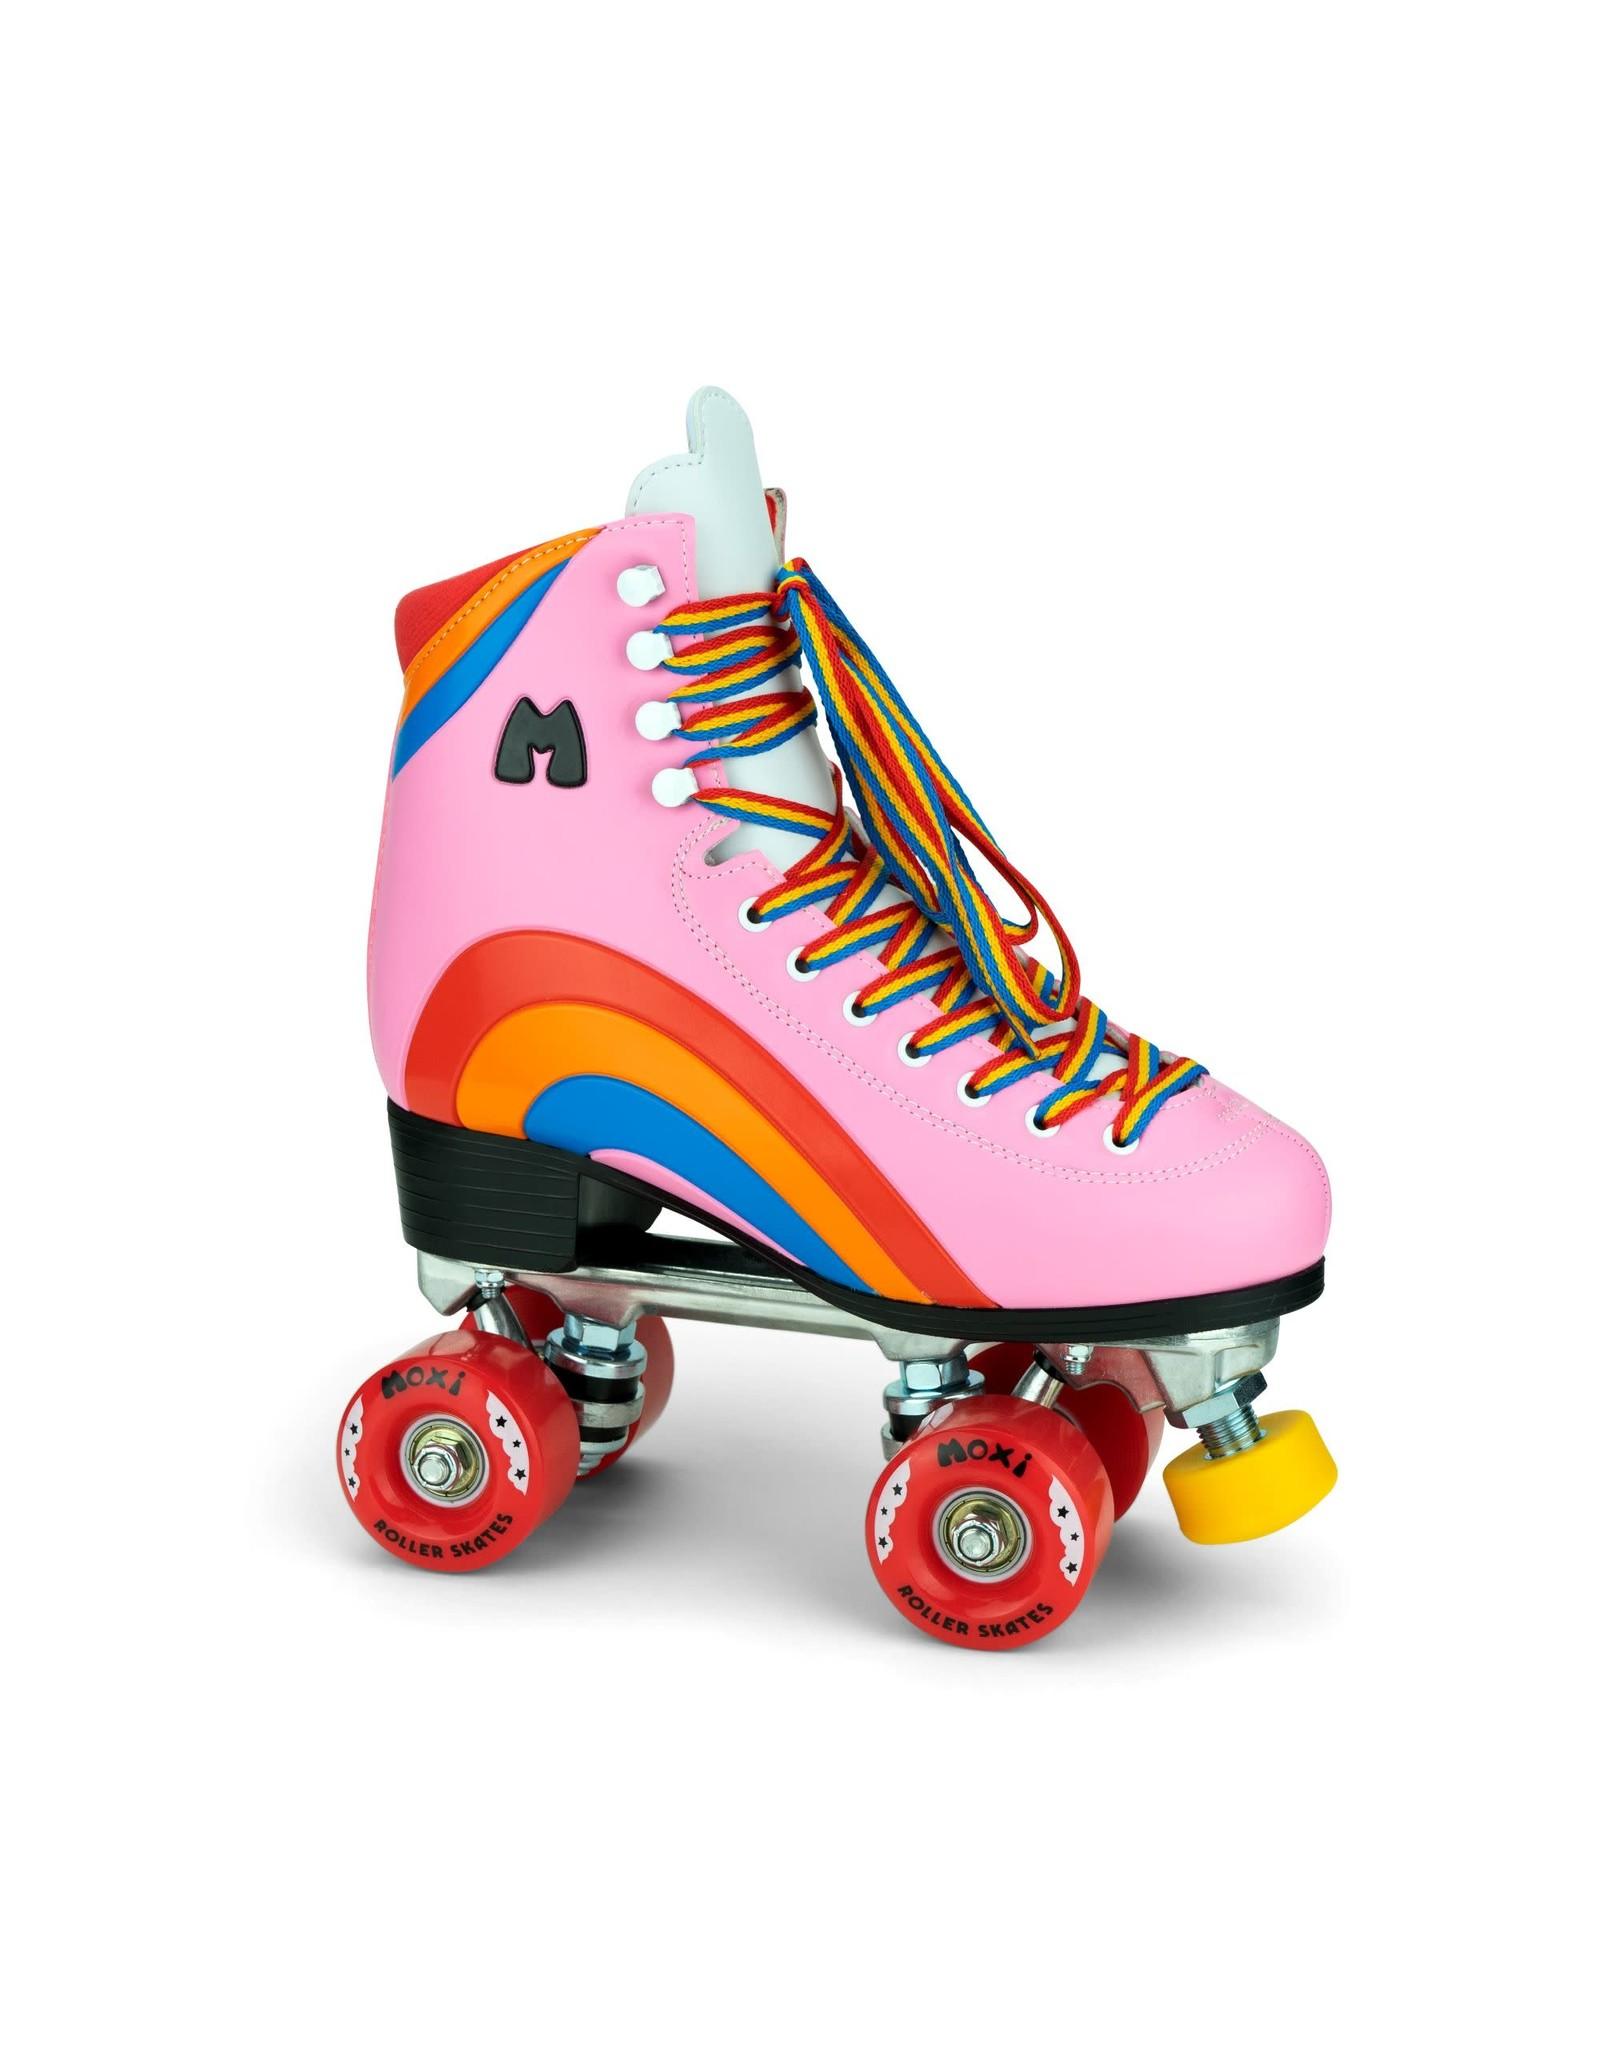 Moxi Skates Moxi Rainbow Rider